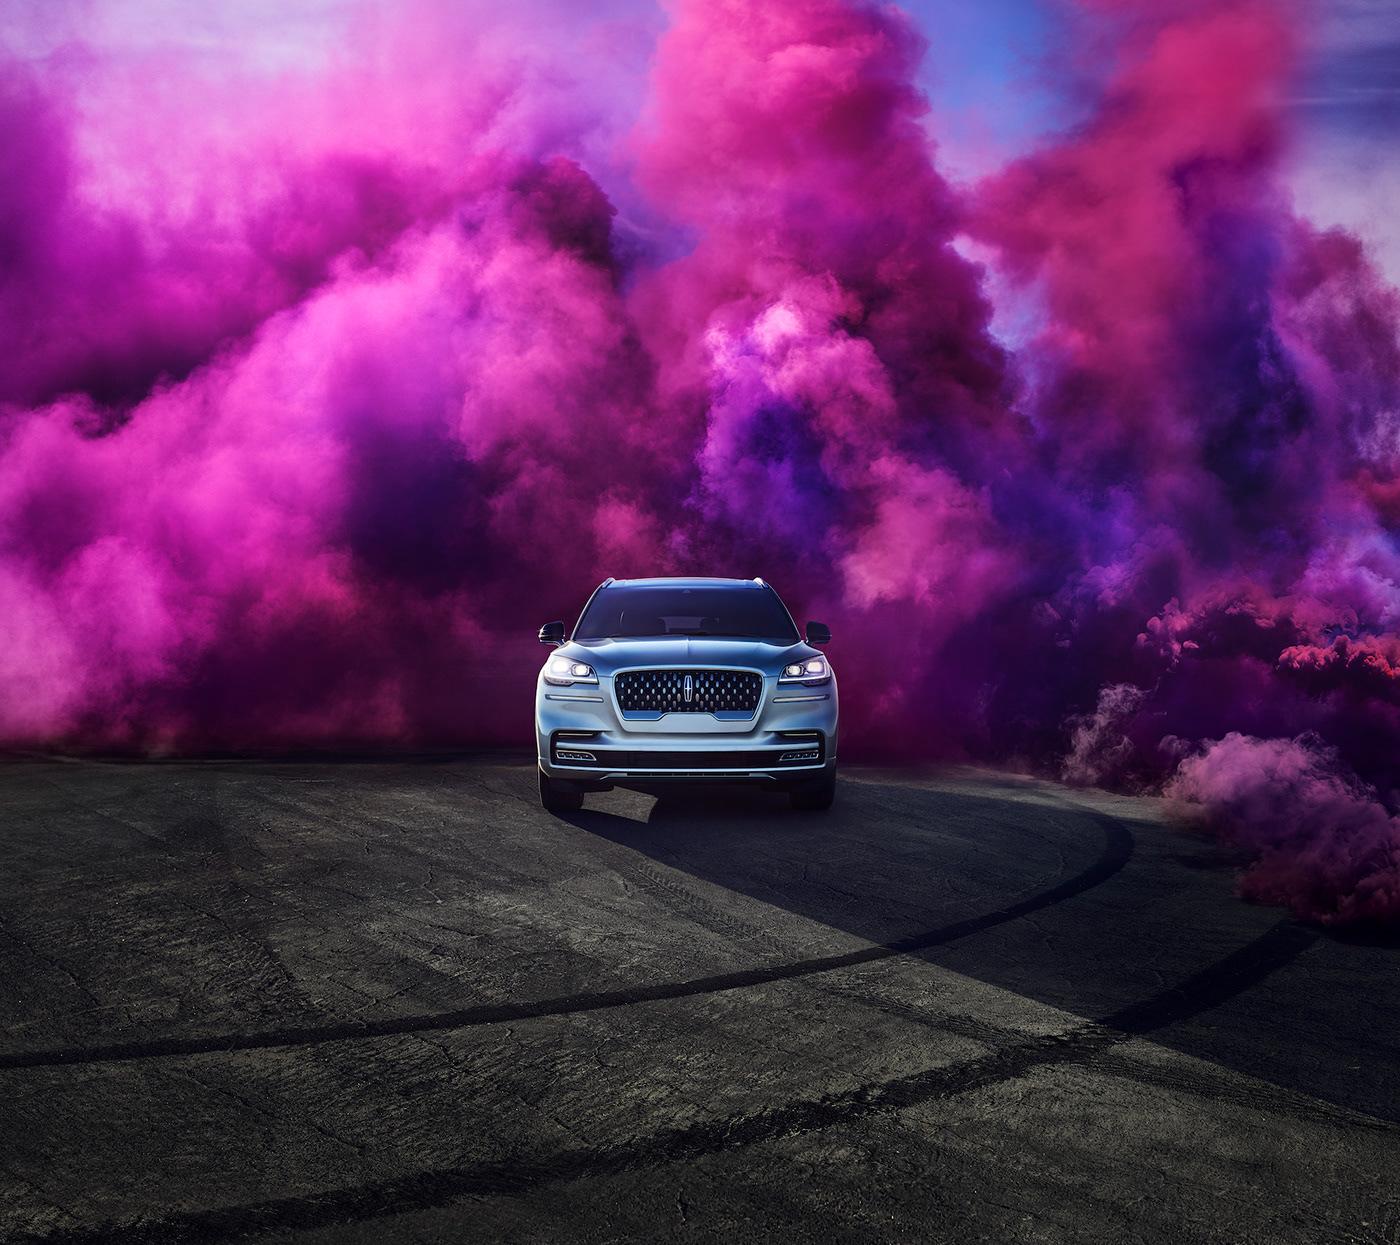 Image may contain: vehicle, smoke and car